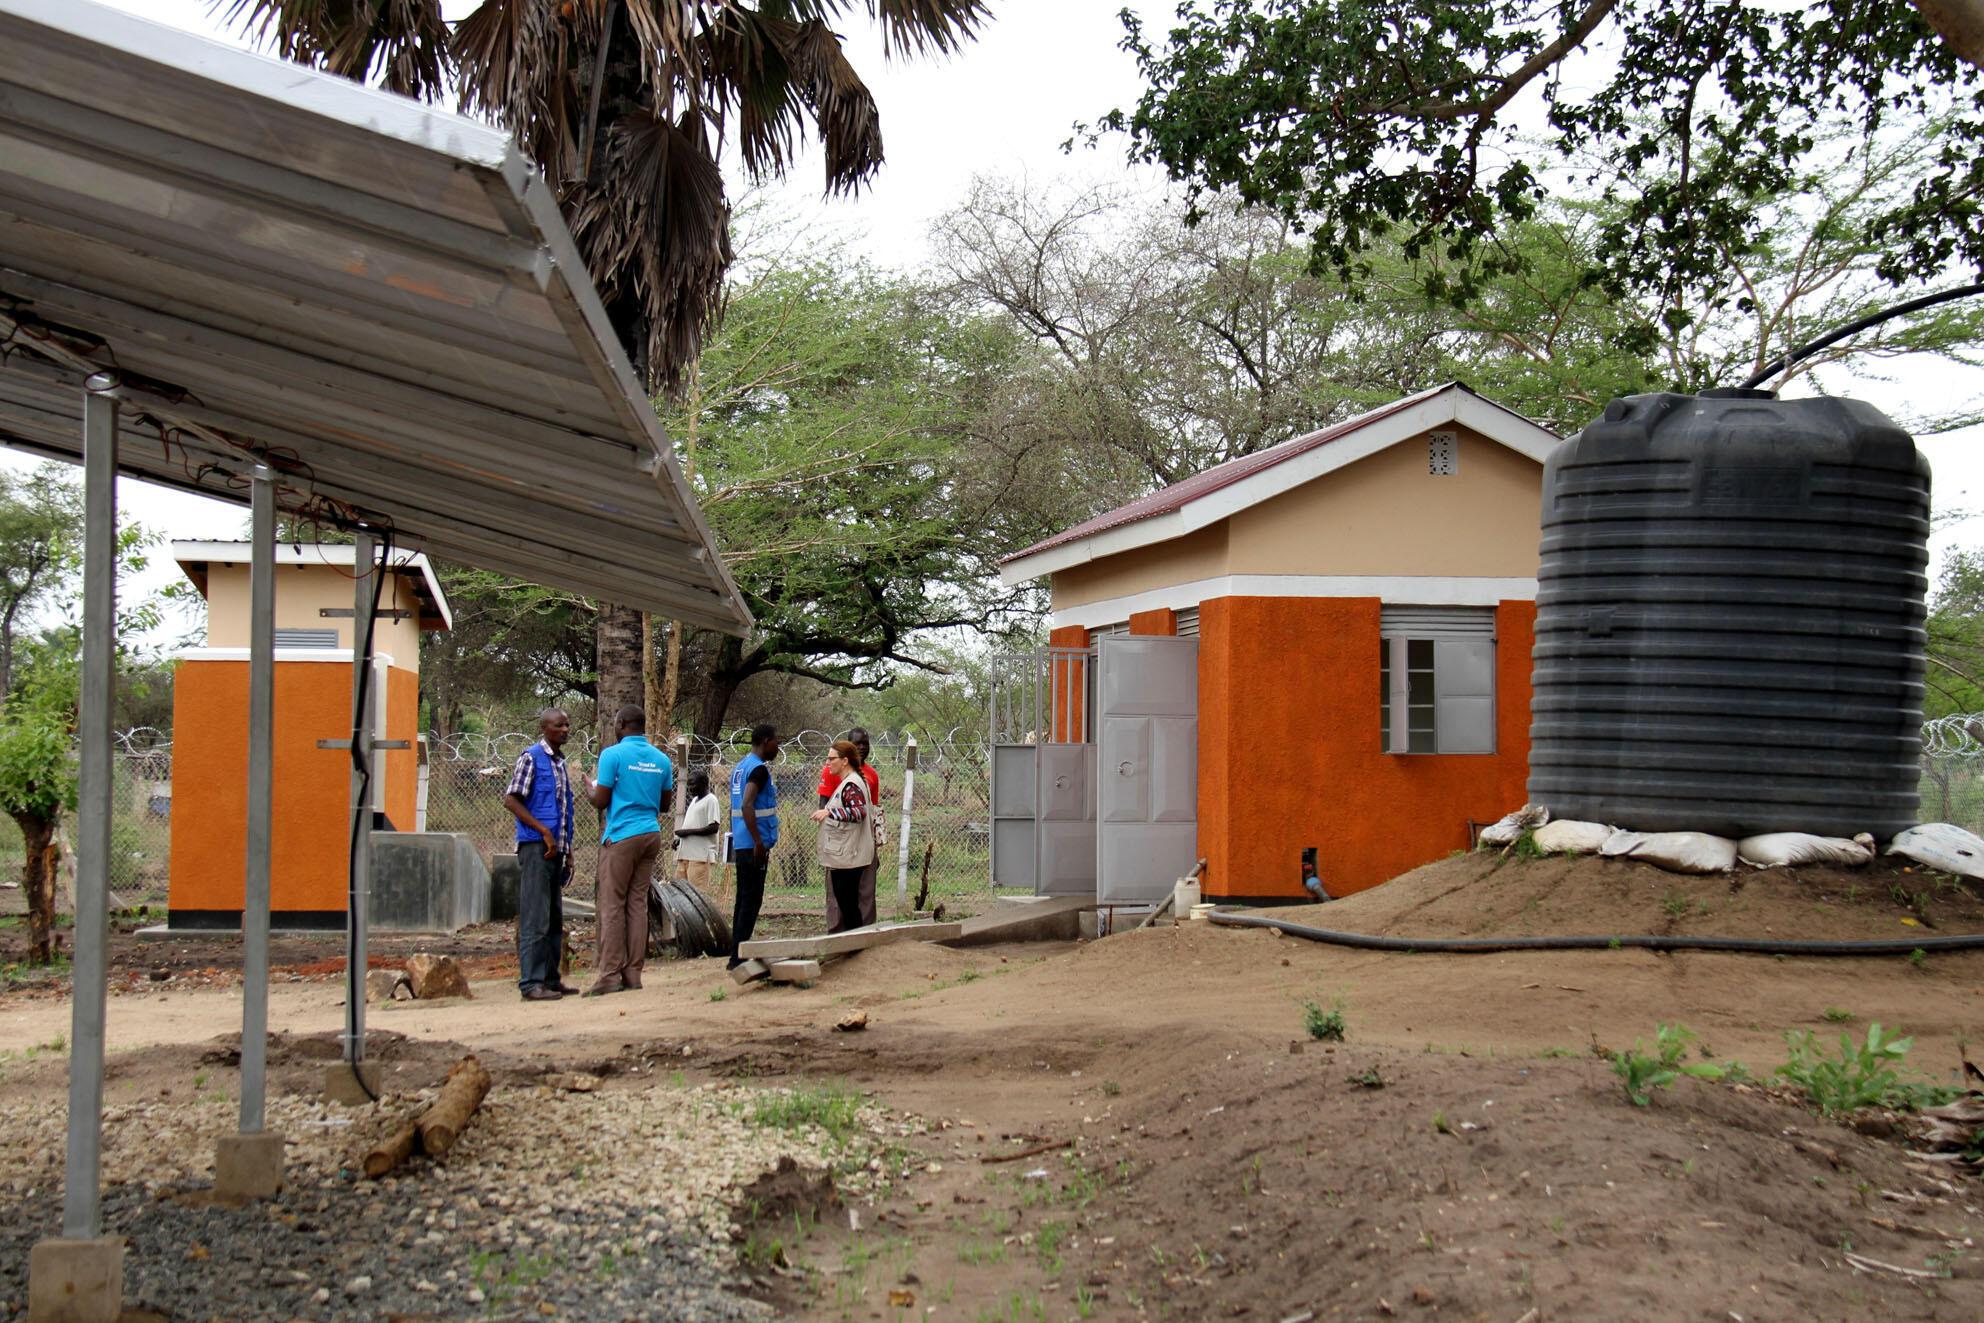 Au camp de Palorynia, un puits à alimentation hybride (solaire et fuel) alimente près de 4000 bénéficiaires en eau propre.